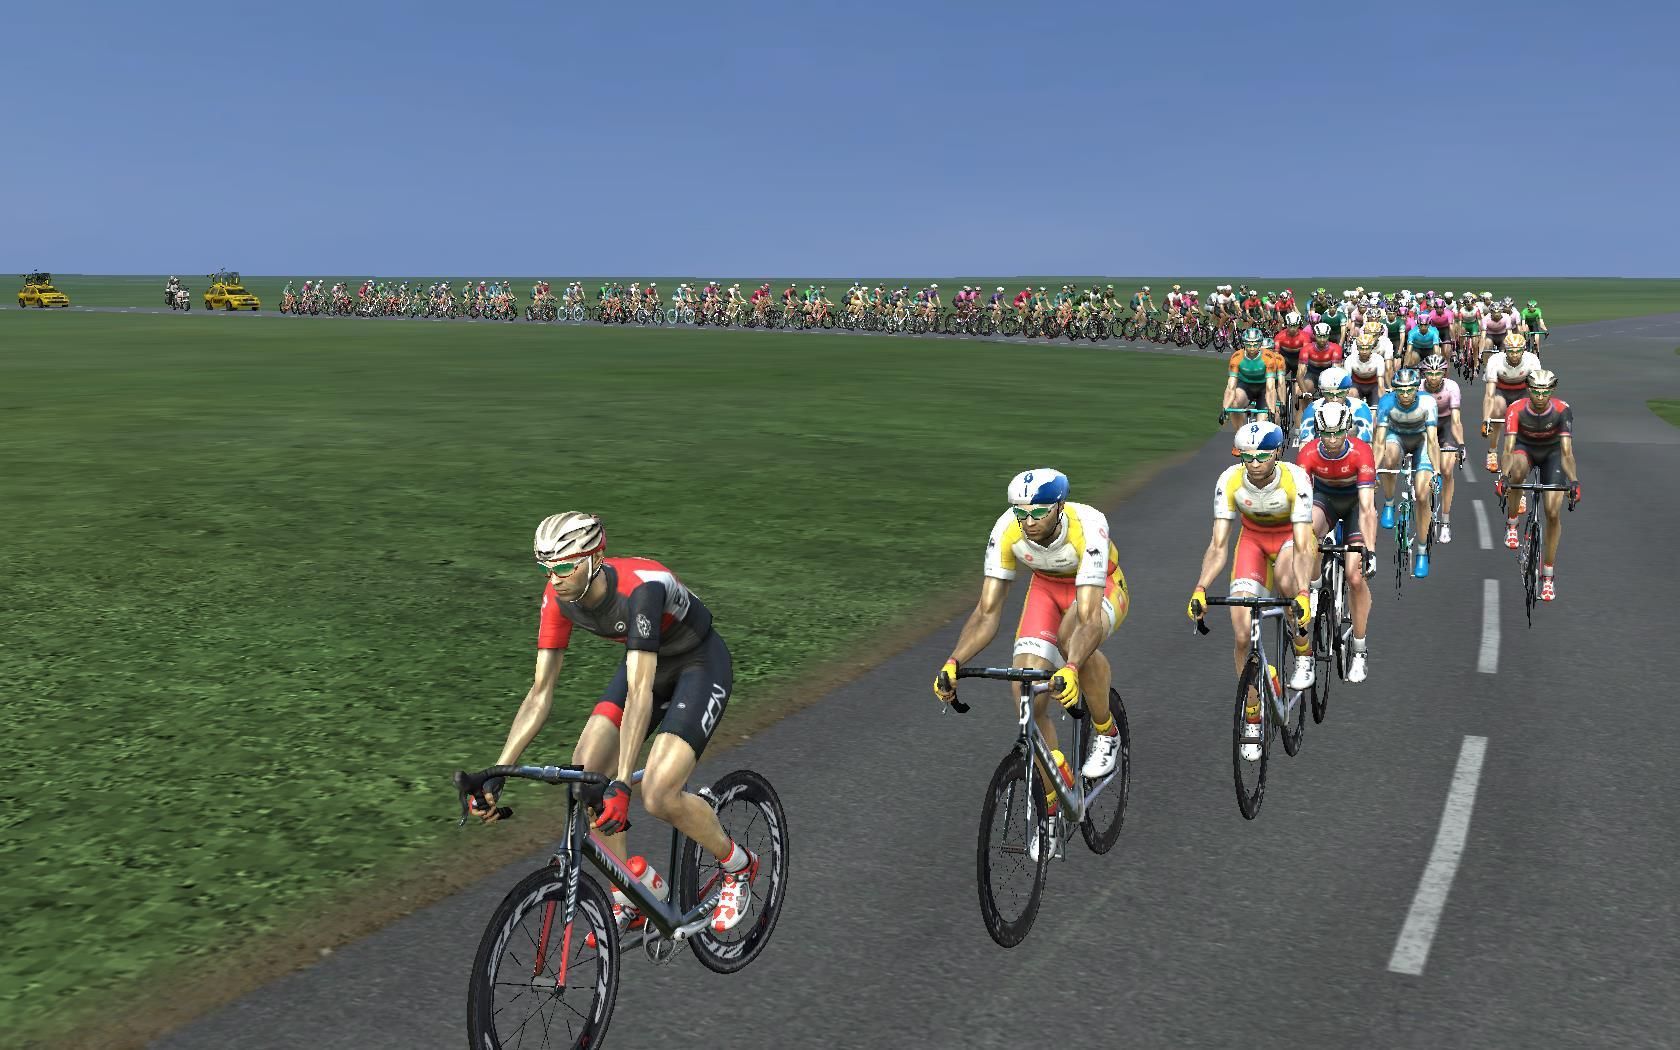 pcmdaily.com/images/mg/2018/Races/C2HC/ParisTours/PCM0005.jpg